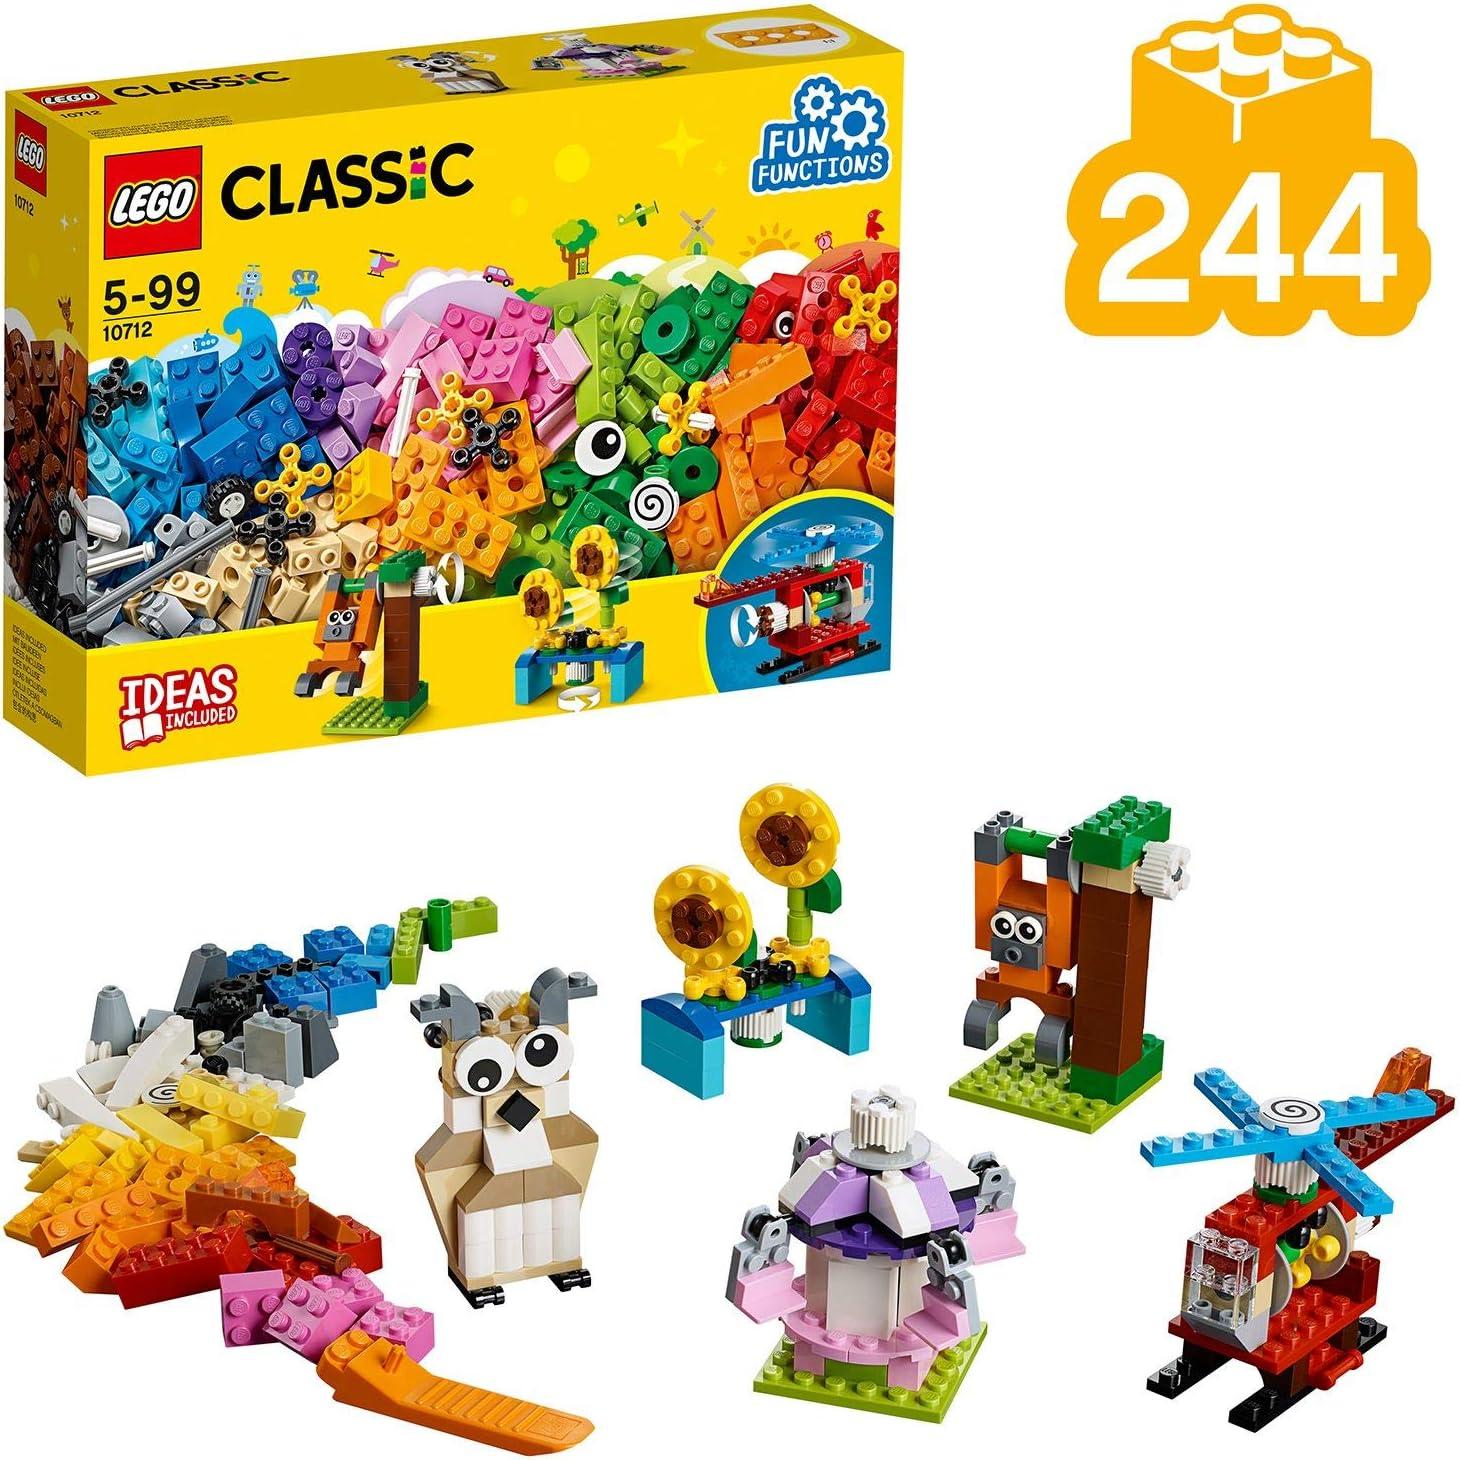 LEGO Classic - Ladrillos y Engranajes, Juguete de Construcción ...